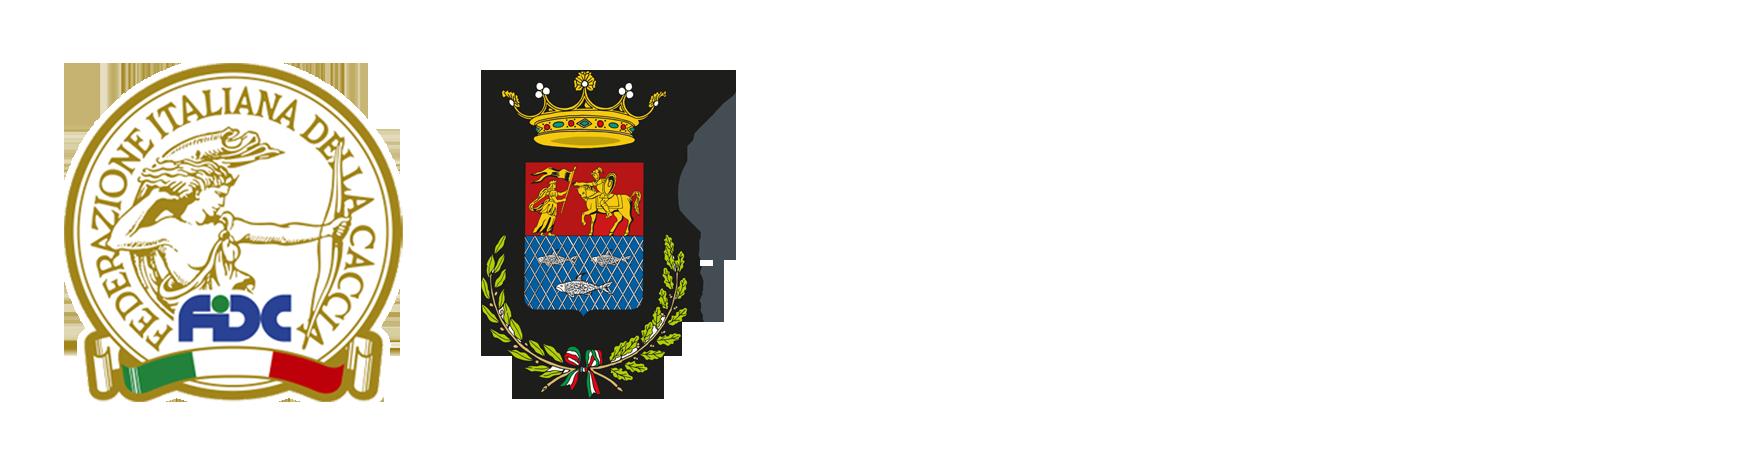 logo_federcaccia-rieti